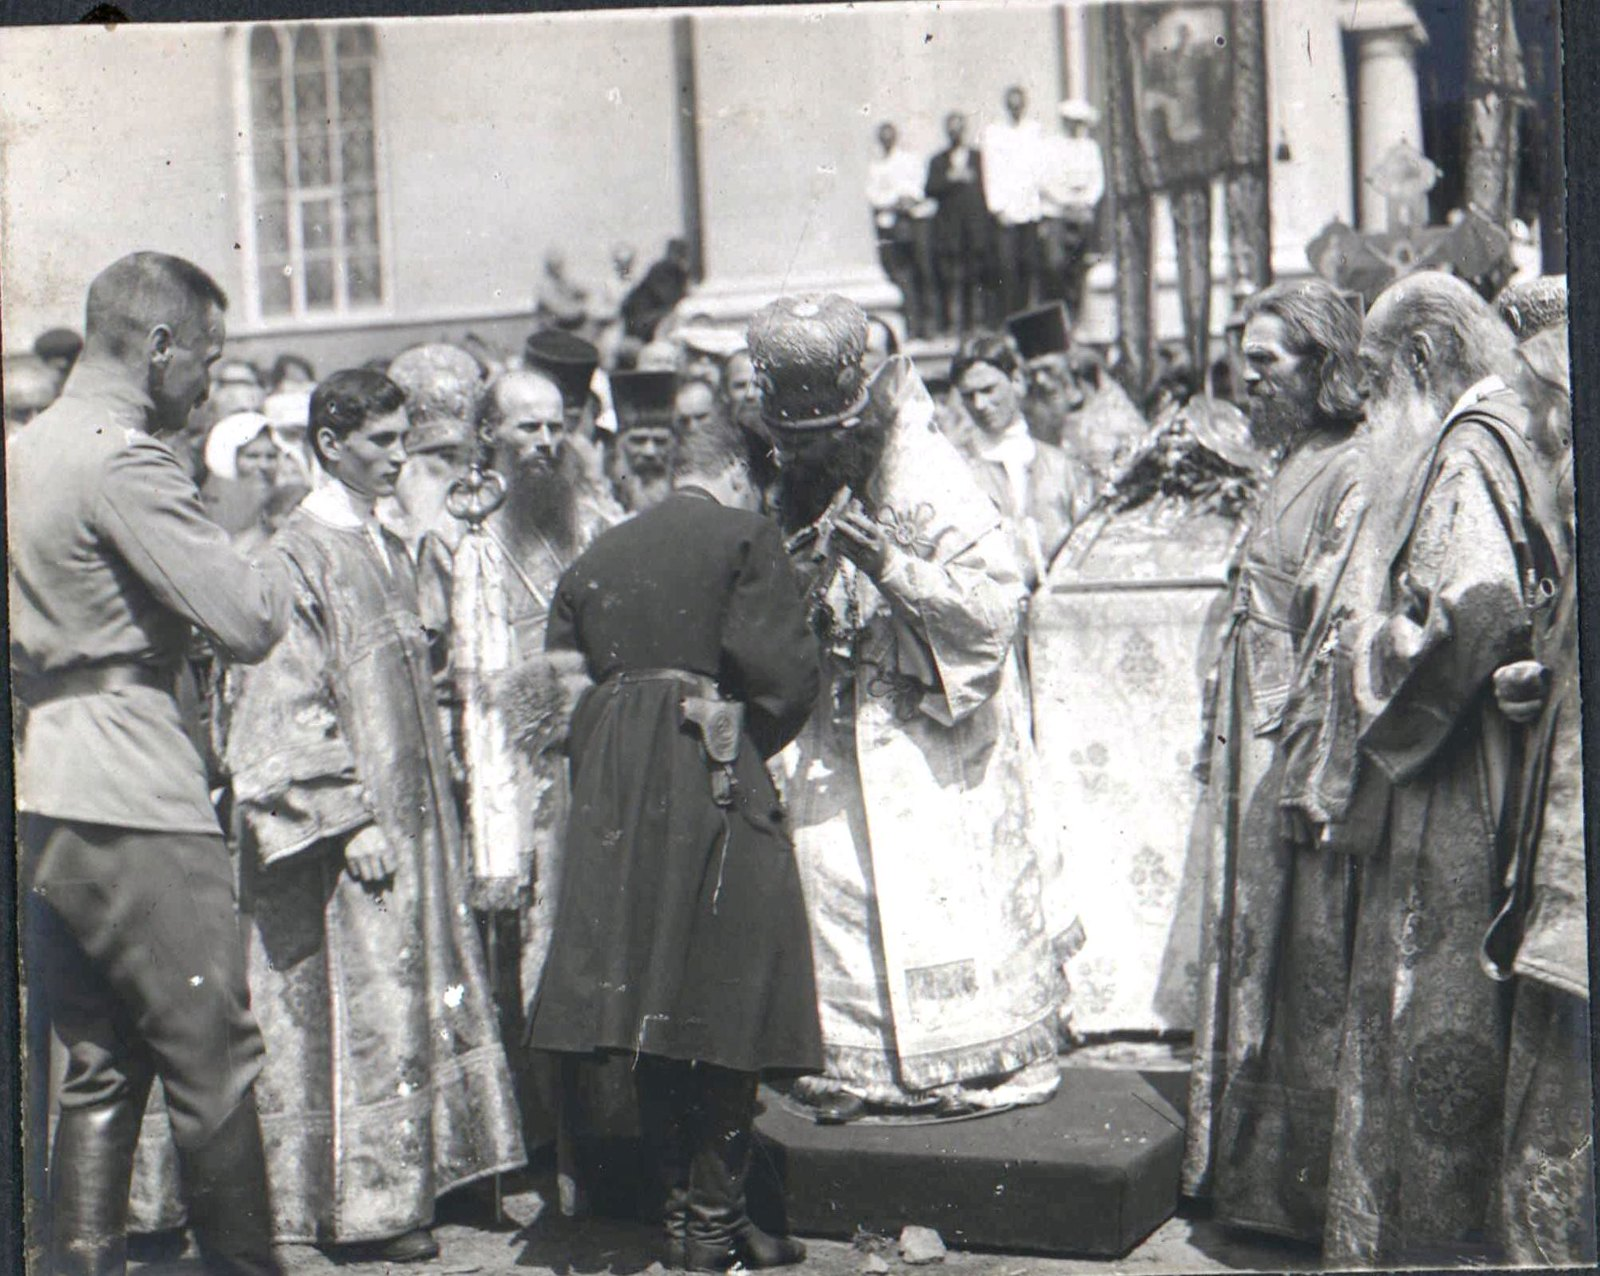 171. 1919. Генерал А. Шкуро, прибывший в Харьков, прикладывается к кресту, Харьков